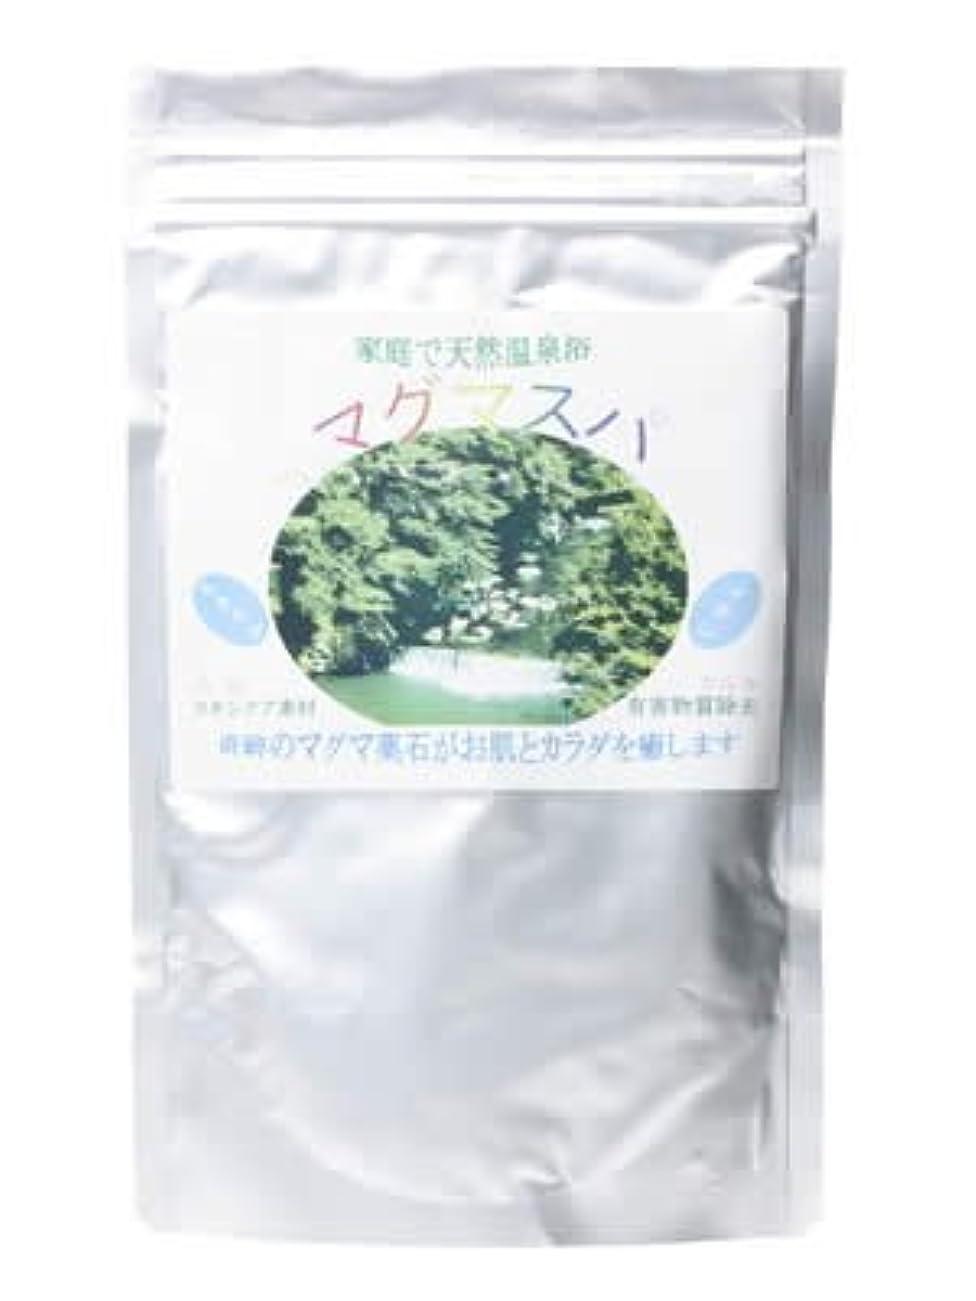 感じる残基亜熱帯天然薬石入浴剤マグマスパ 360g